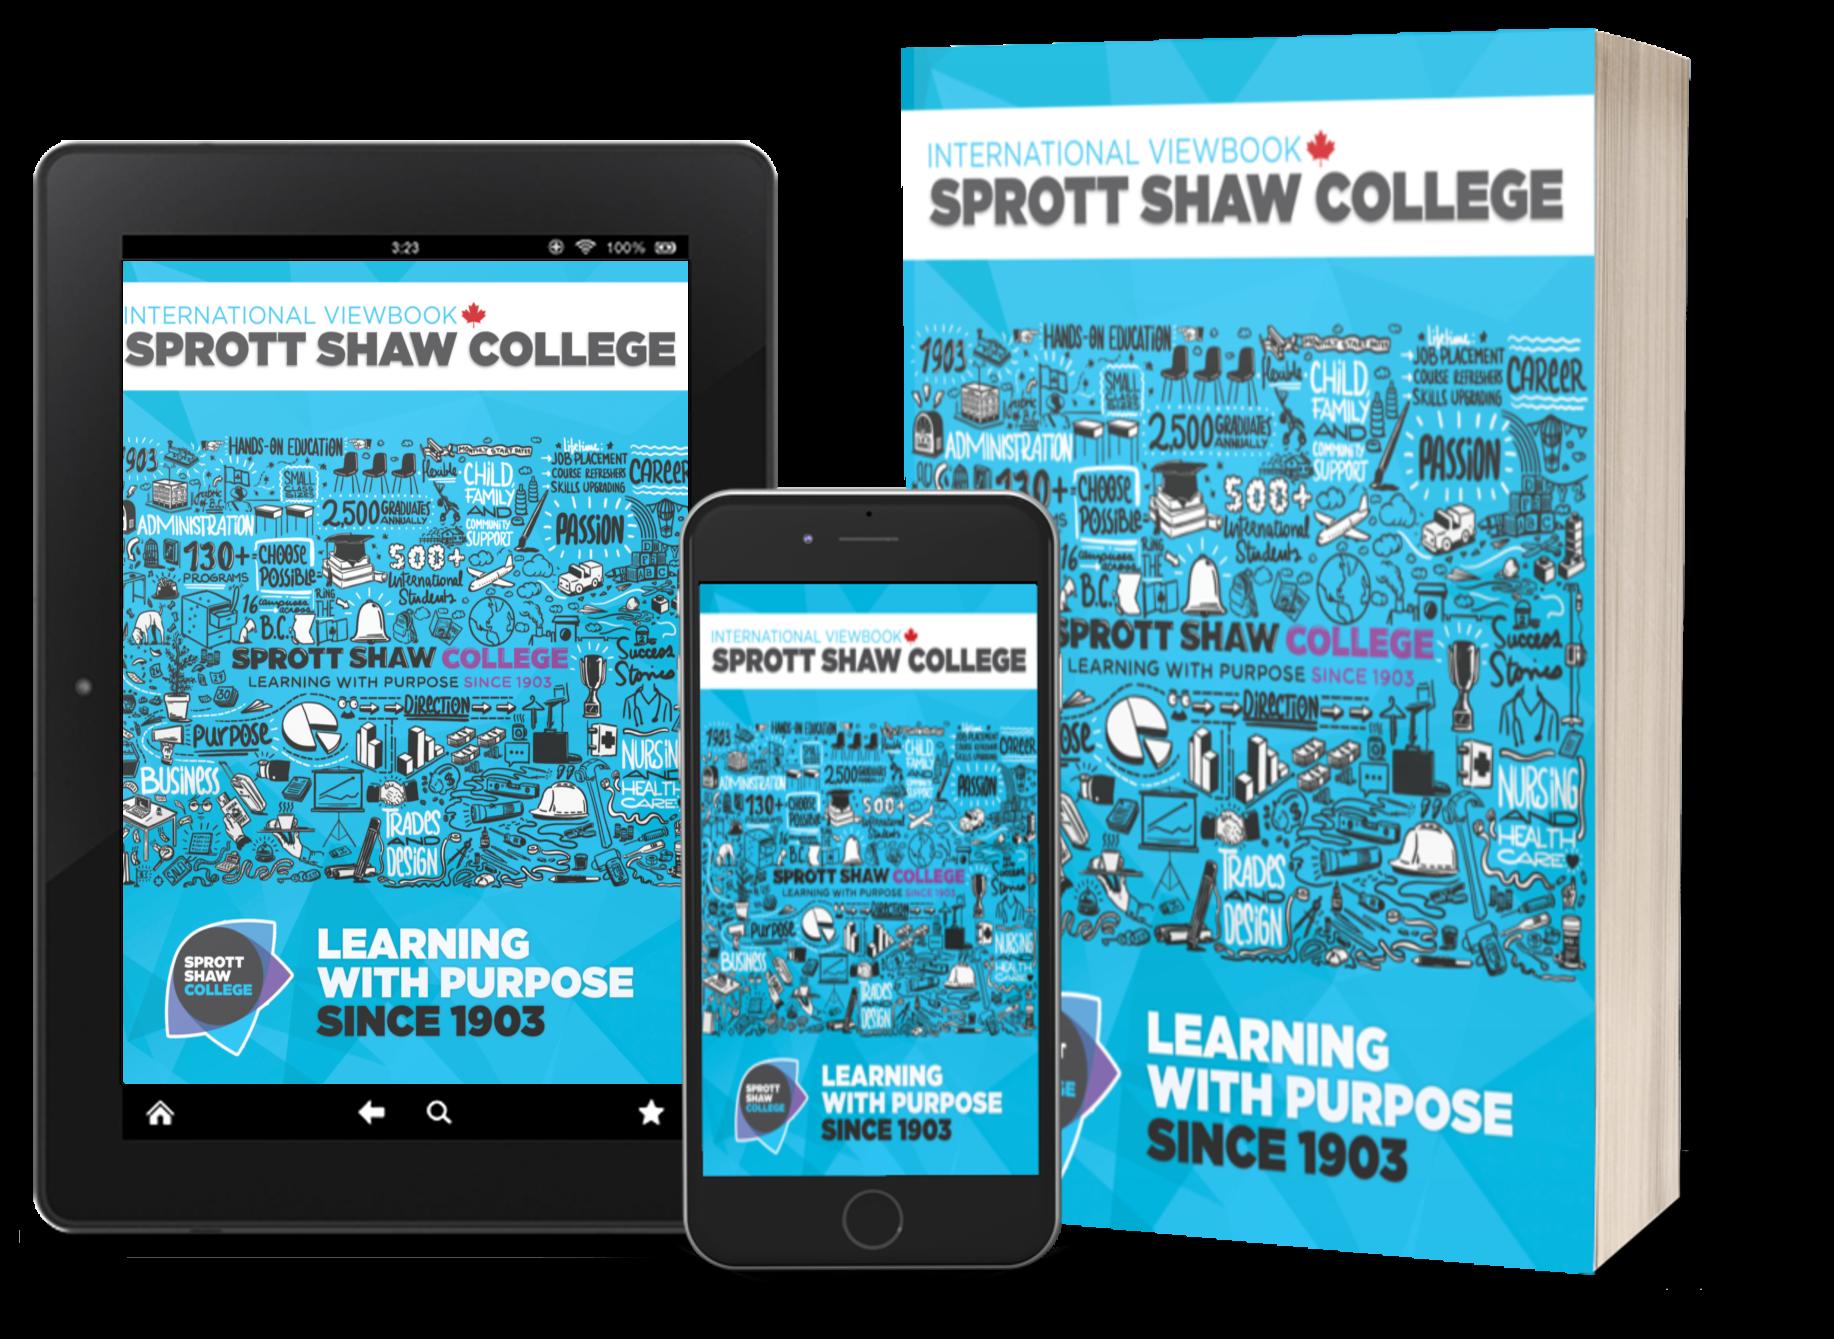 sprott shaw college international viewbook